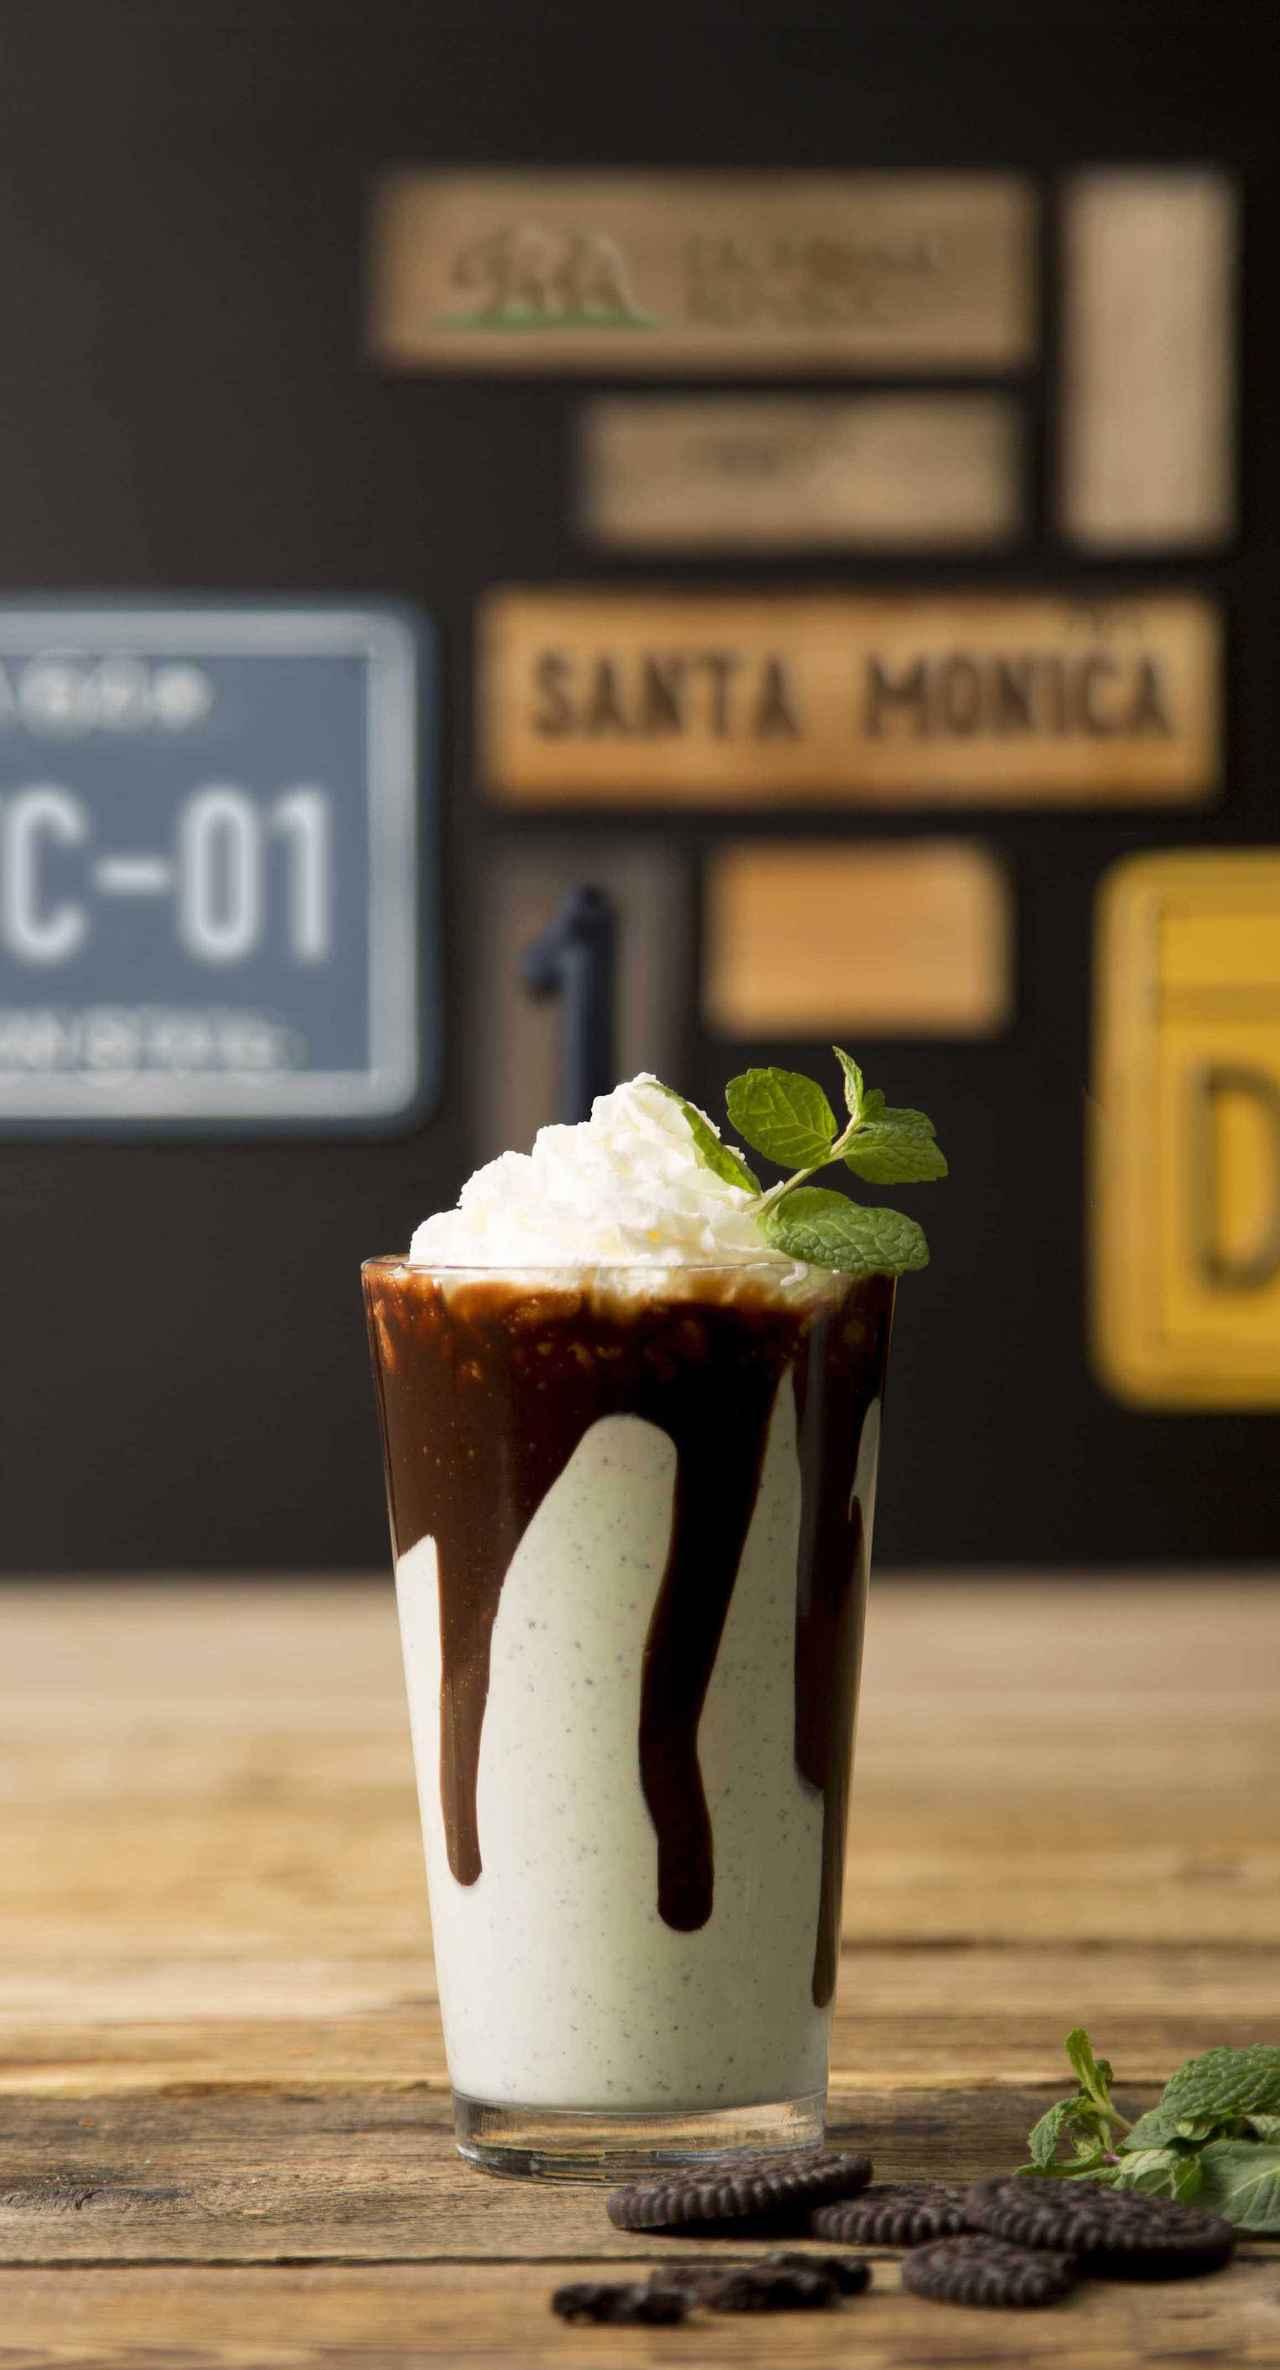 画像: ■CHOCOLATE MINT(チョコレートミント) 990円 これからの季節にピッタリな、爽やかチョコミント味のシェイクが期間限定登場。 チョコレートクッキーのザクザク食感と、濃厚なチョコレートソース、後から追いかけてくるスーッとした爽快感がたまらない!食後のデザートはもちろんのこと、ブレイクタイムでもお楽しみ下さい。